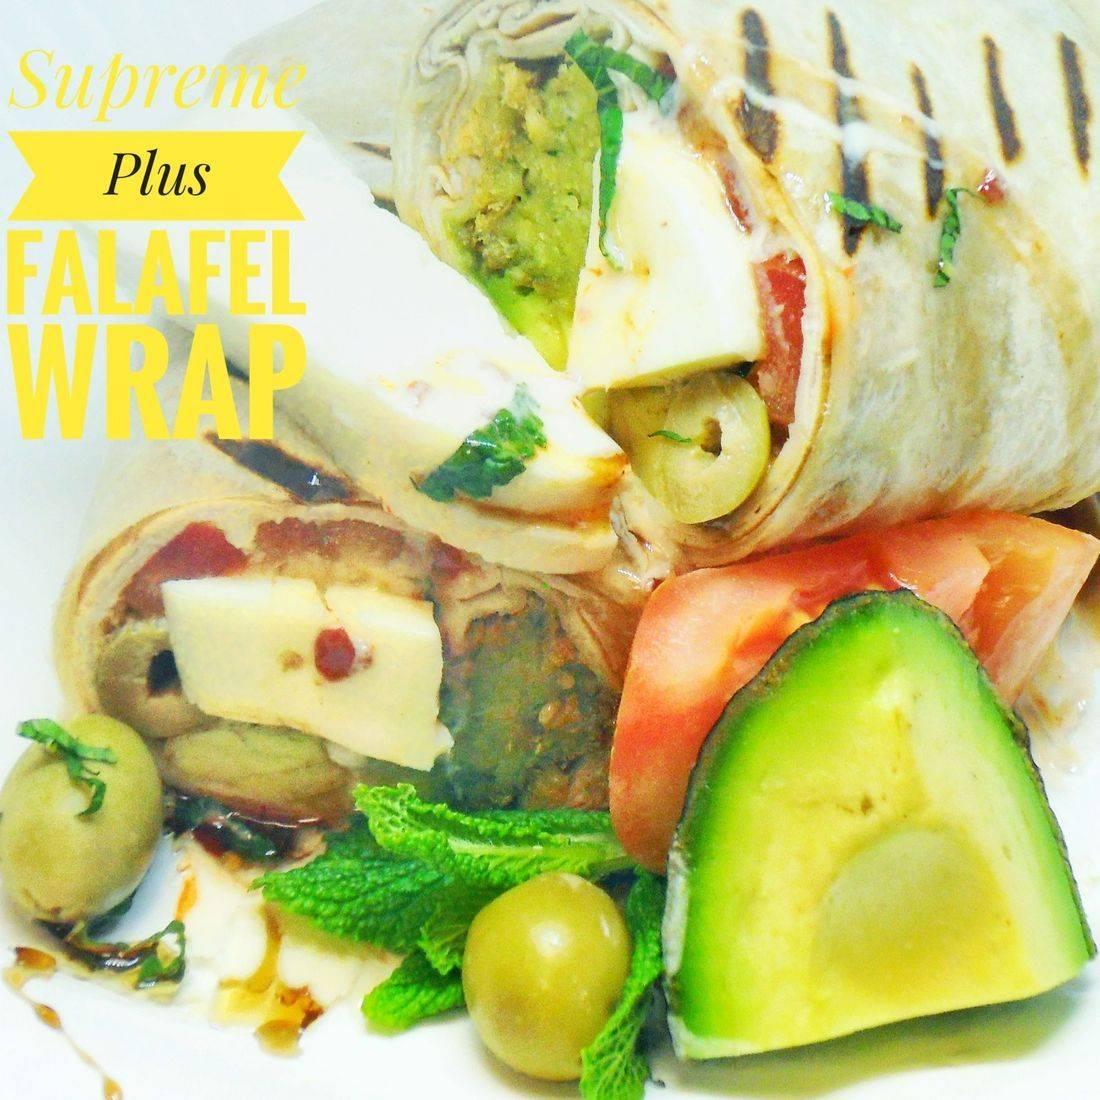 Supreme Plus Falafel Wrap